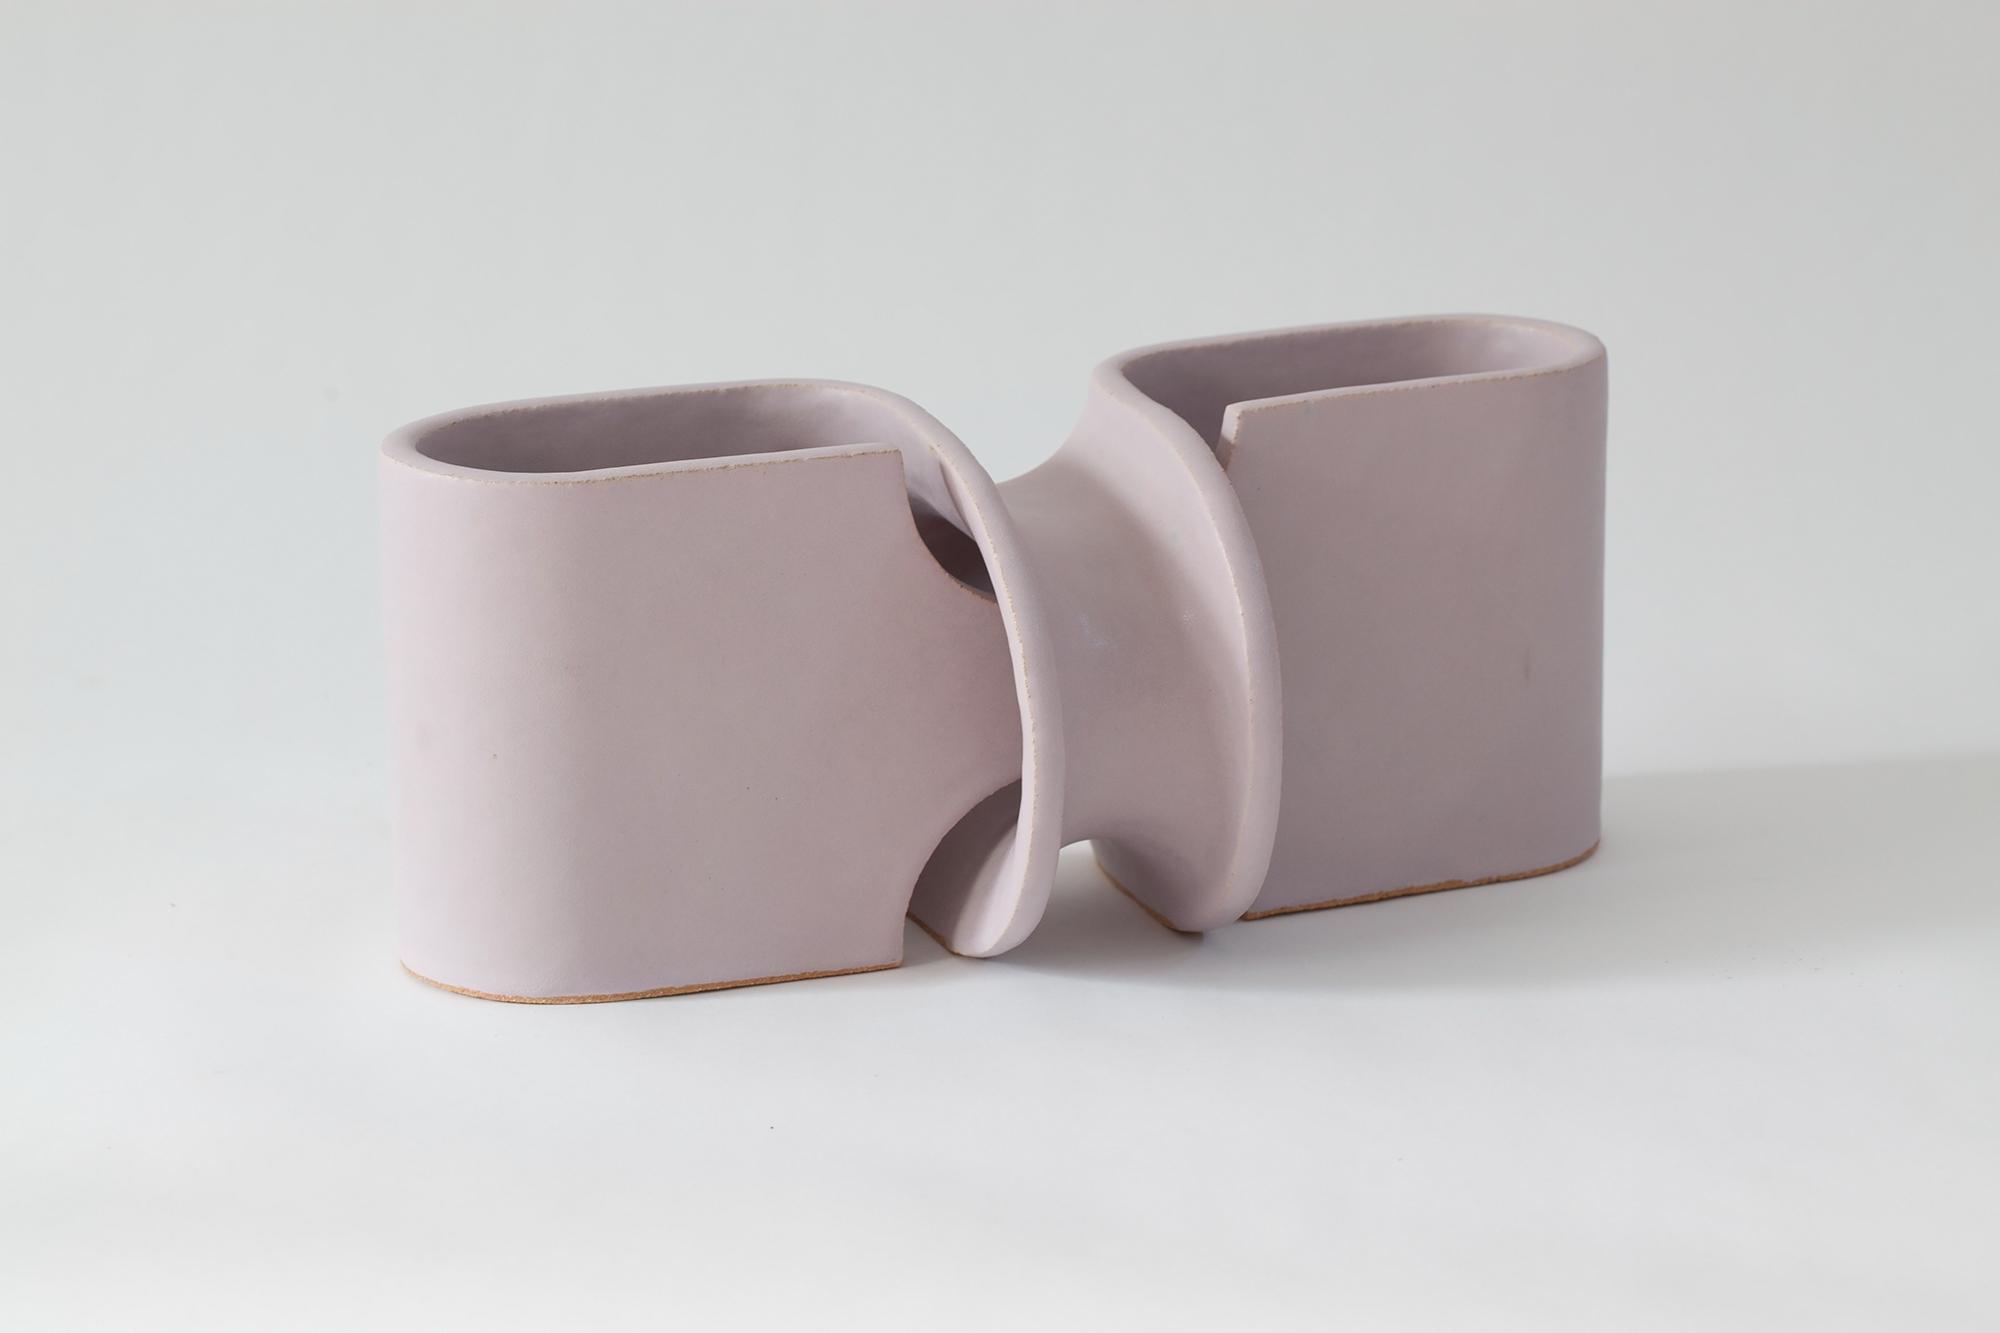 Del Harrow, Vignelli (Pink), 2021